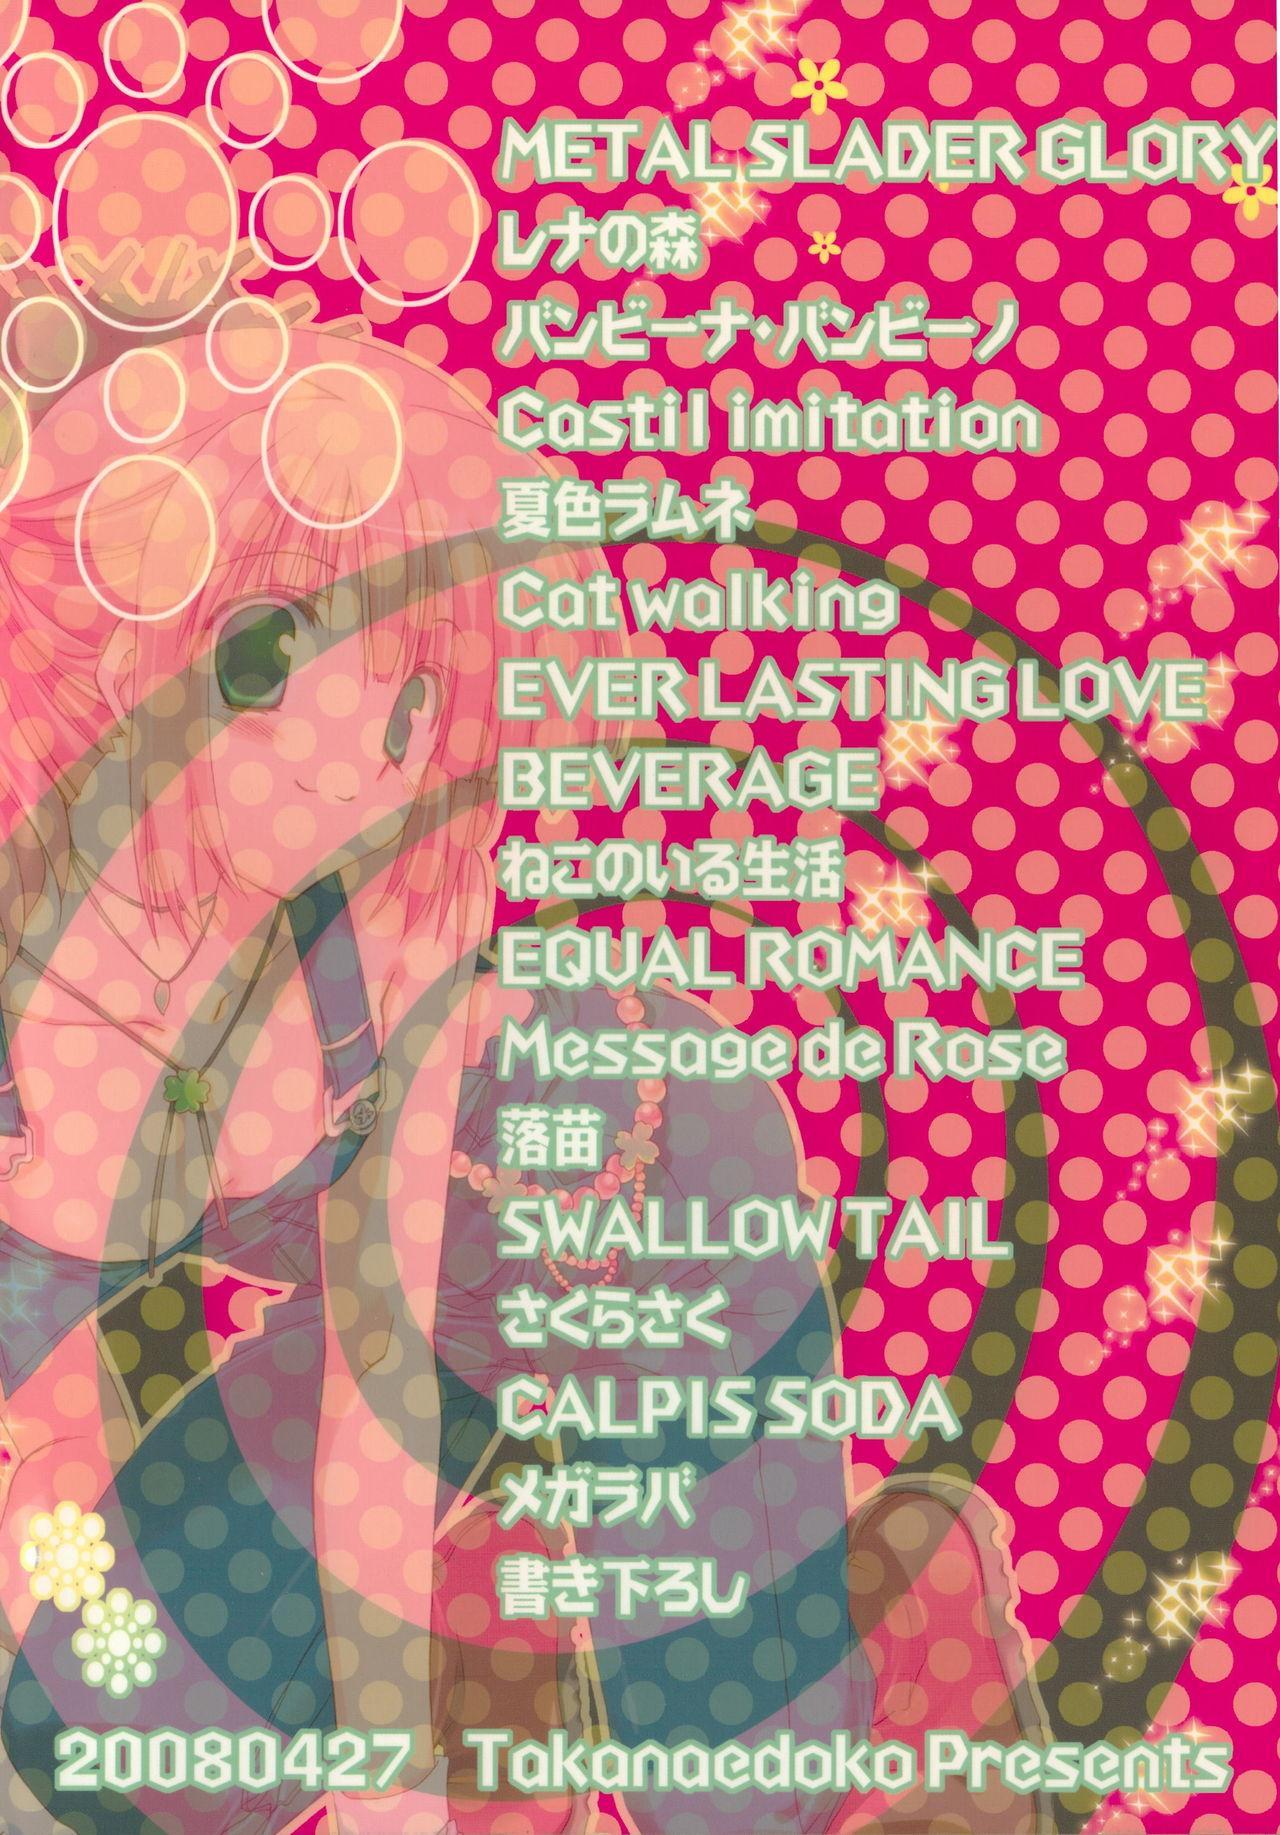 Naedoko Ikusei Kansatsu Kiroku 238